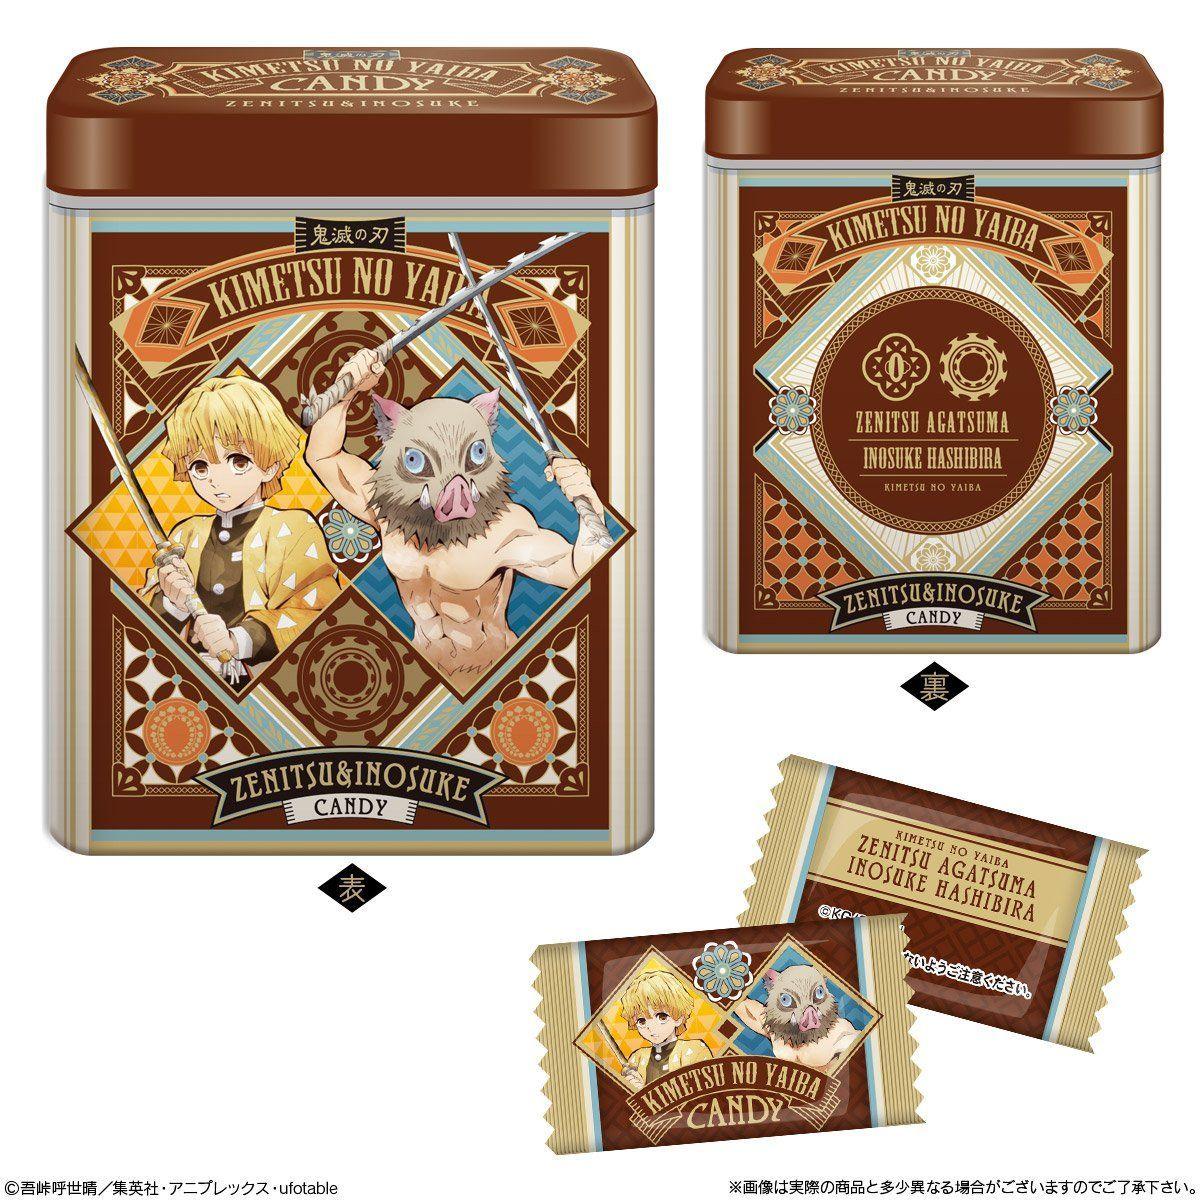 【食玩】『鬼滅の刃 CANDY缶コレクション2』12個入りBOX-002